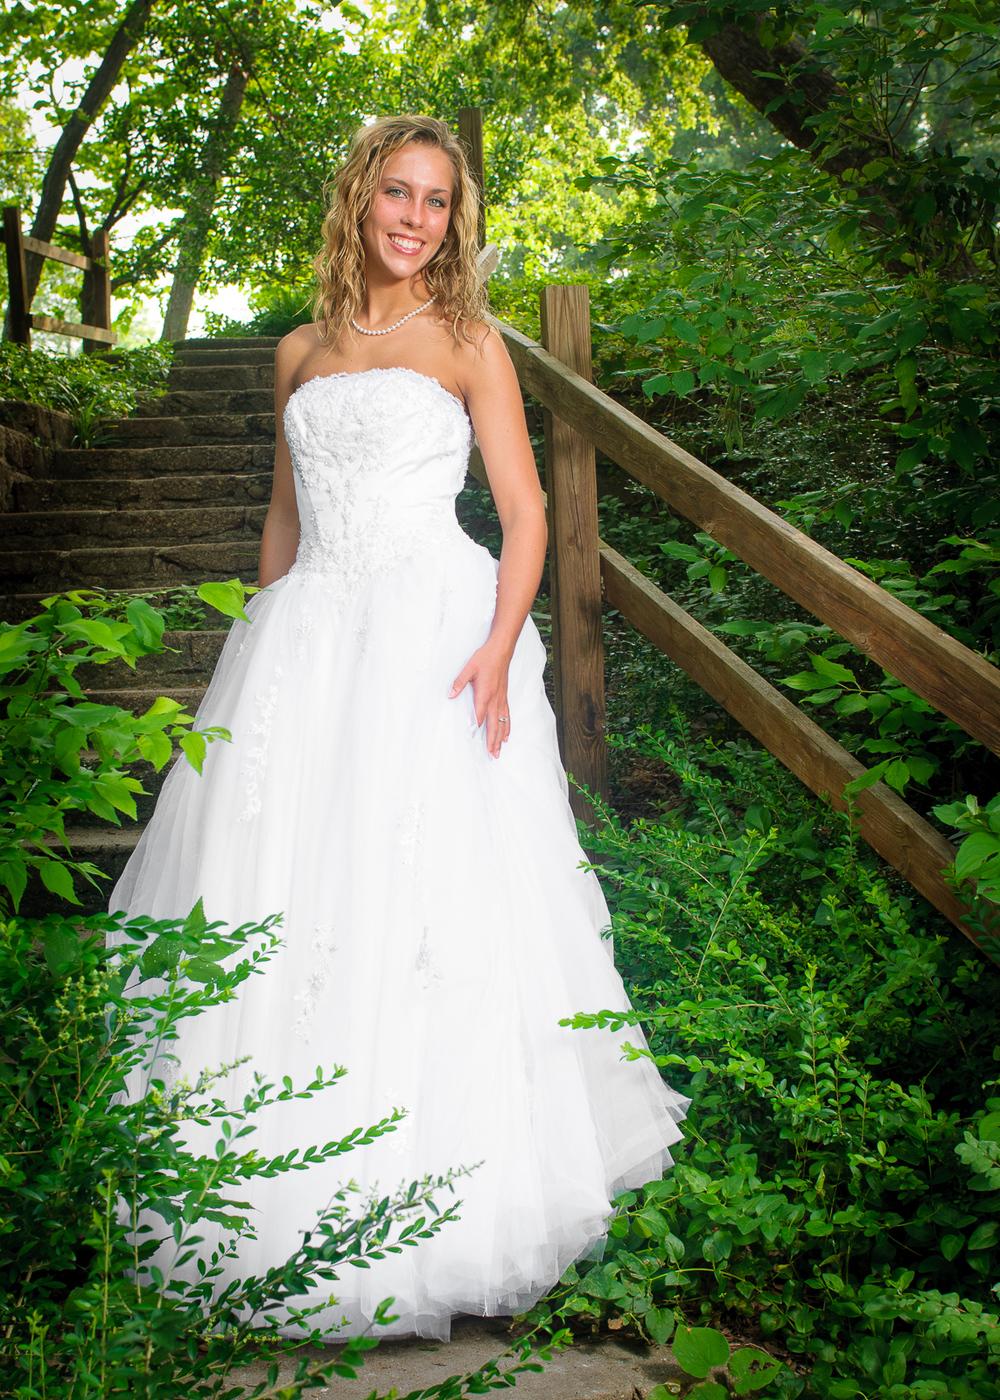 Michael-Napier-Weddings-Robb-Bridal-70 (8).jpg